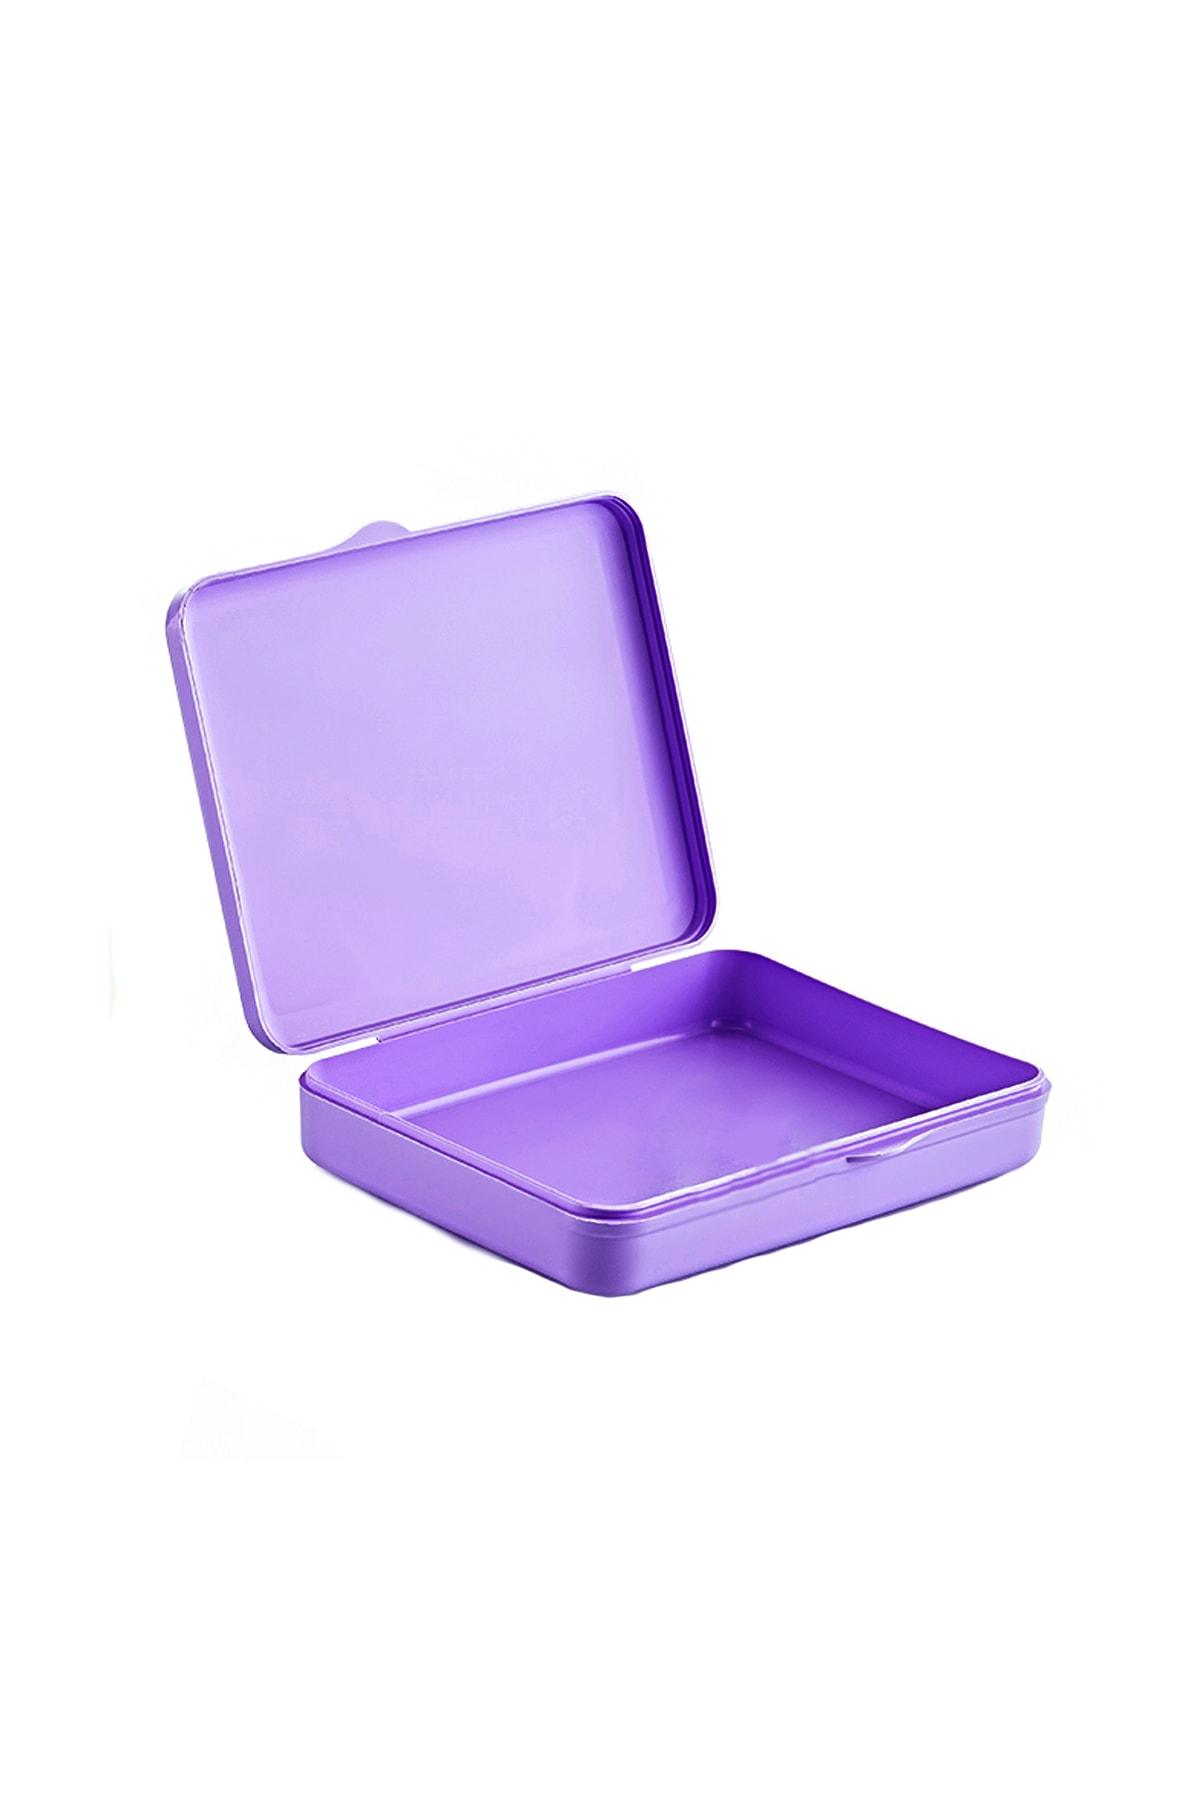 Helen's Home Plastik Ped Çantası Ped Düzenleme Ve Saklama Kutusu 2